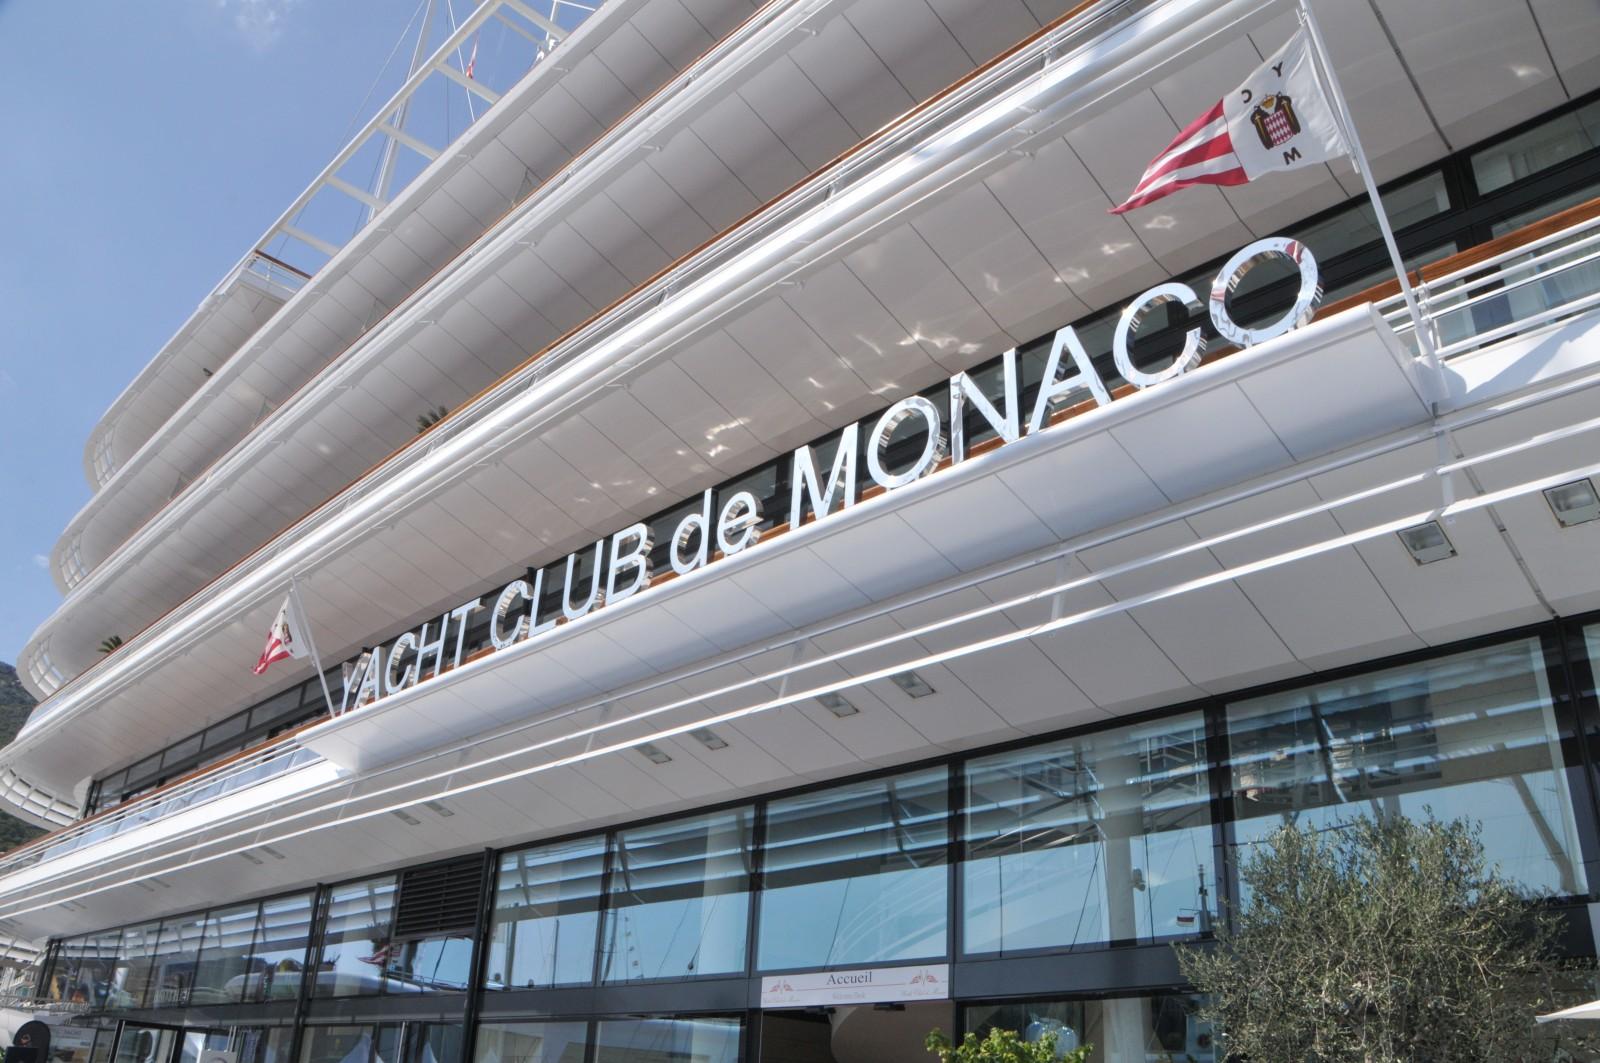 Monaco 9-23-15